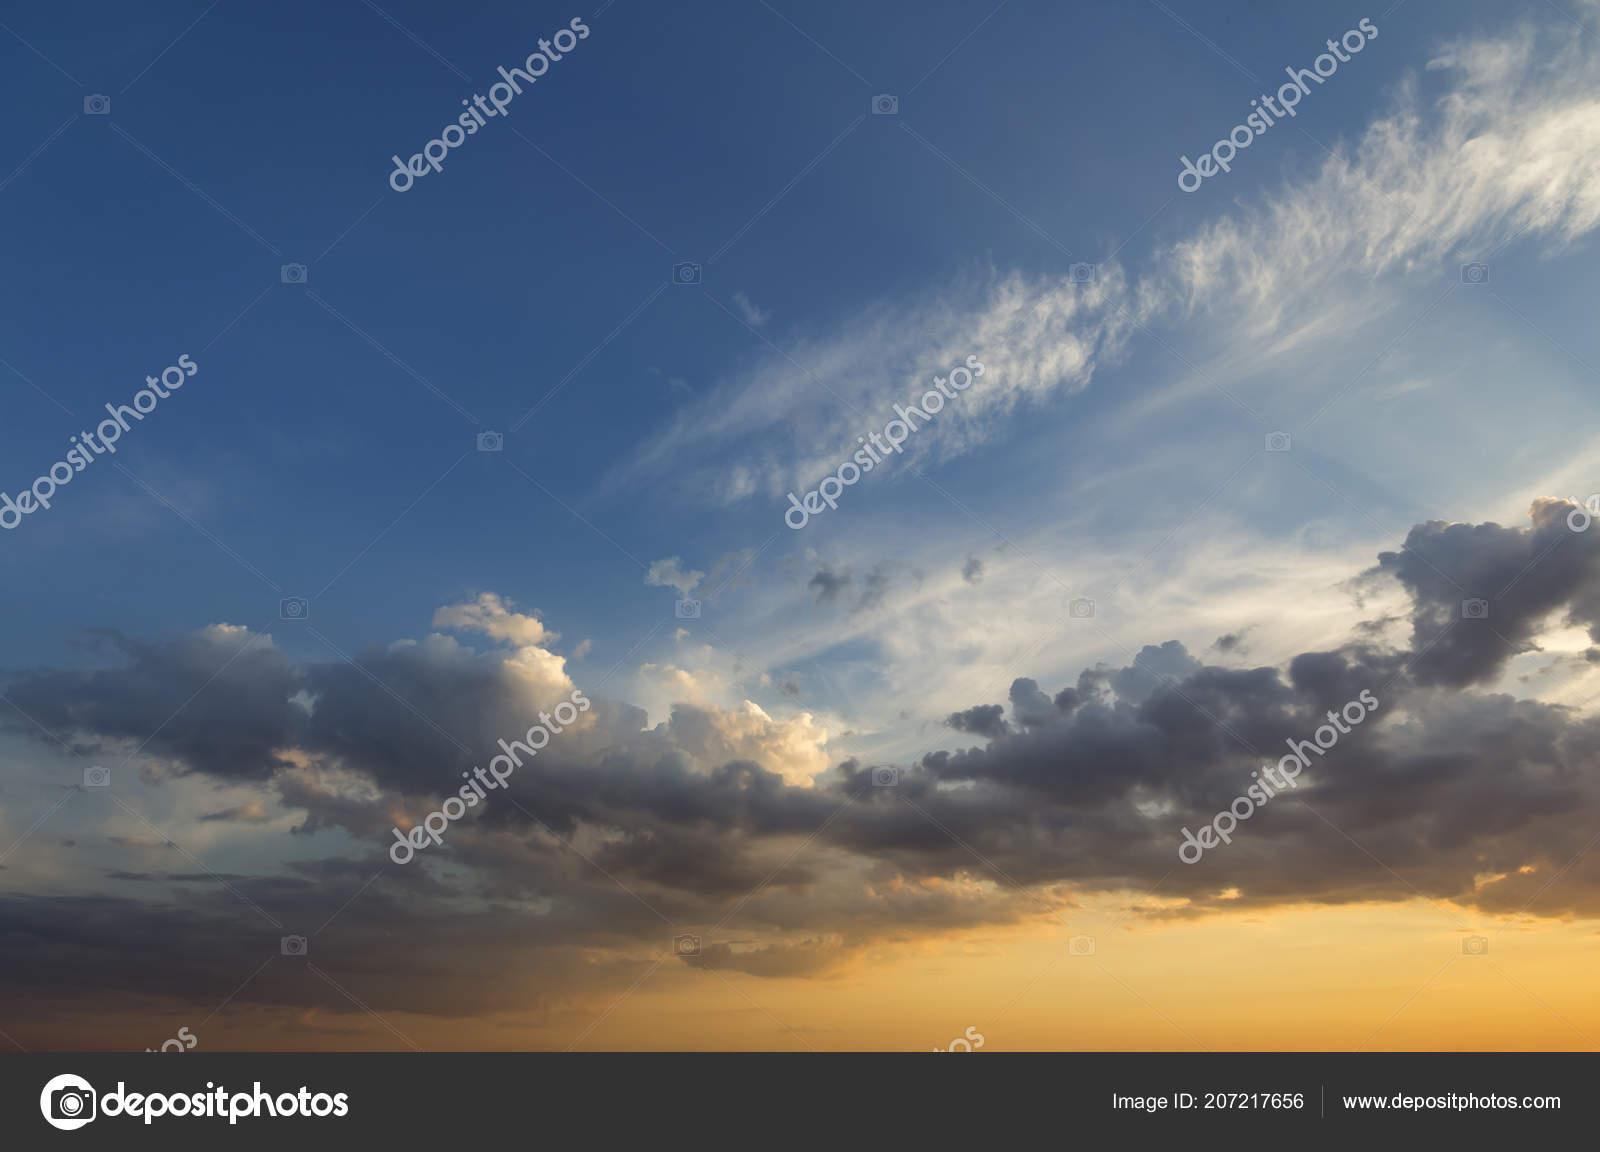 295b66d103 Panorama du ciel au lever ou coucher du soleil. Belle vue sur les nuages  bleus sombres éclairée par le soleil jaune orange brillant sur le ciel  clair.